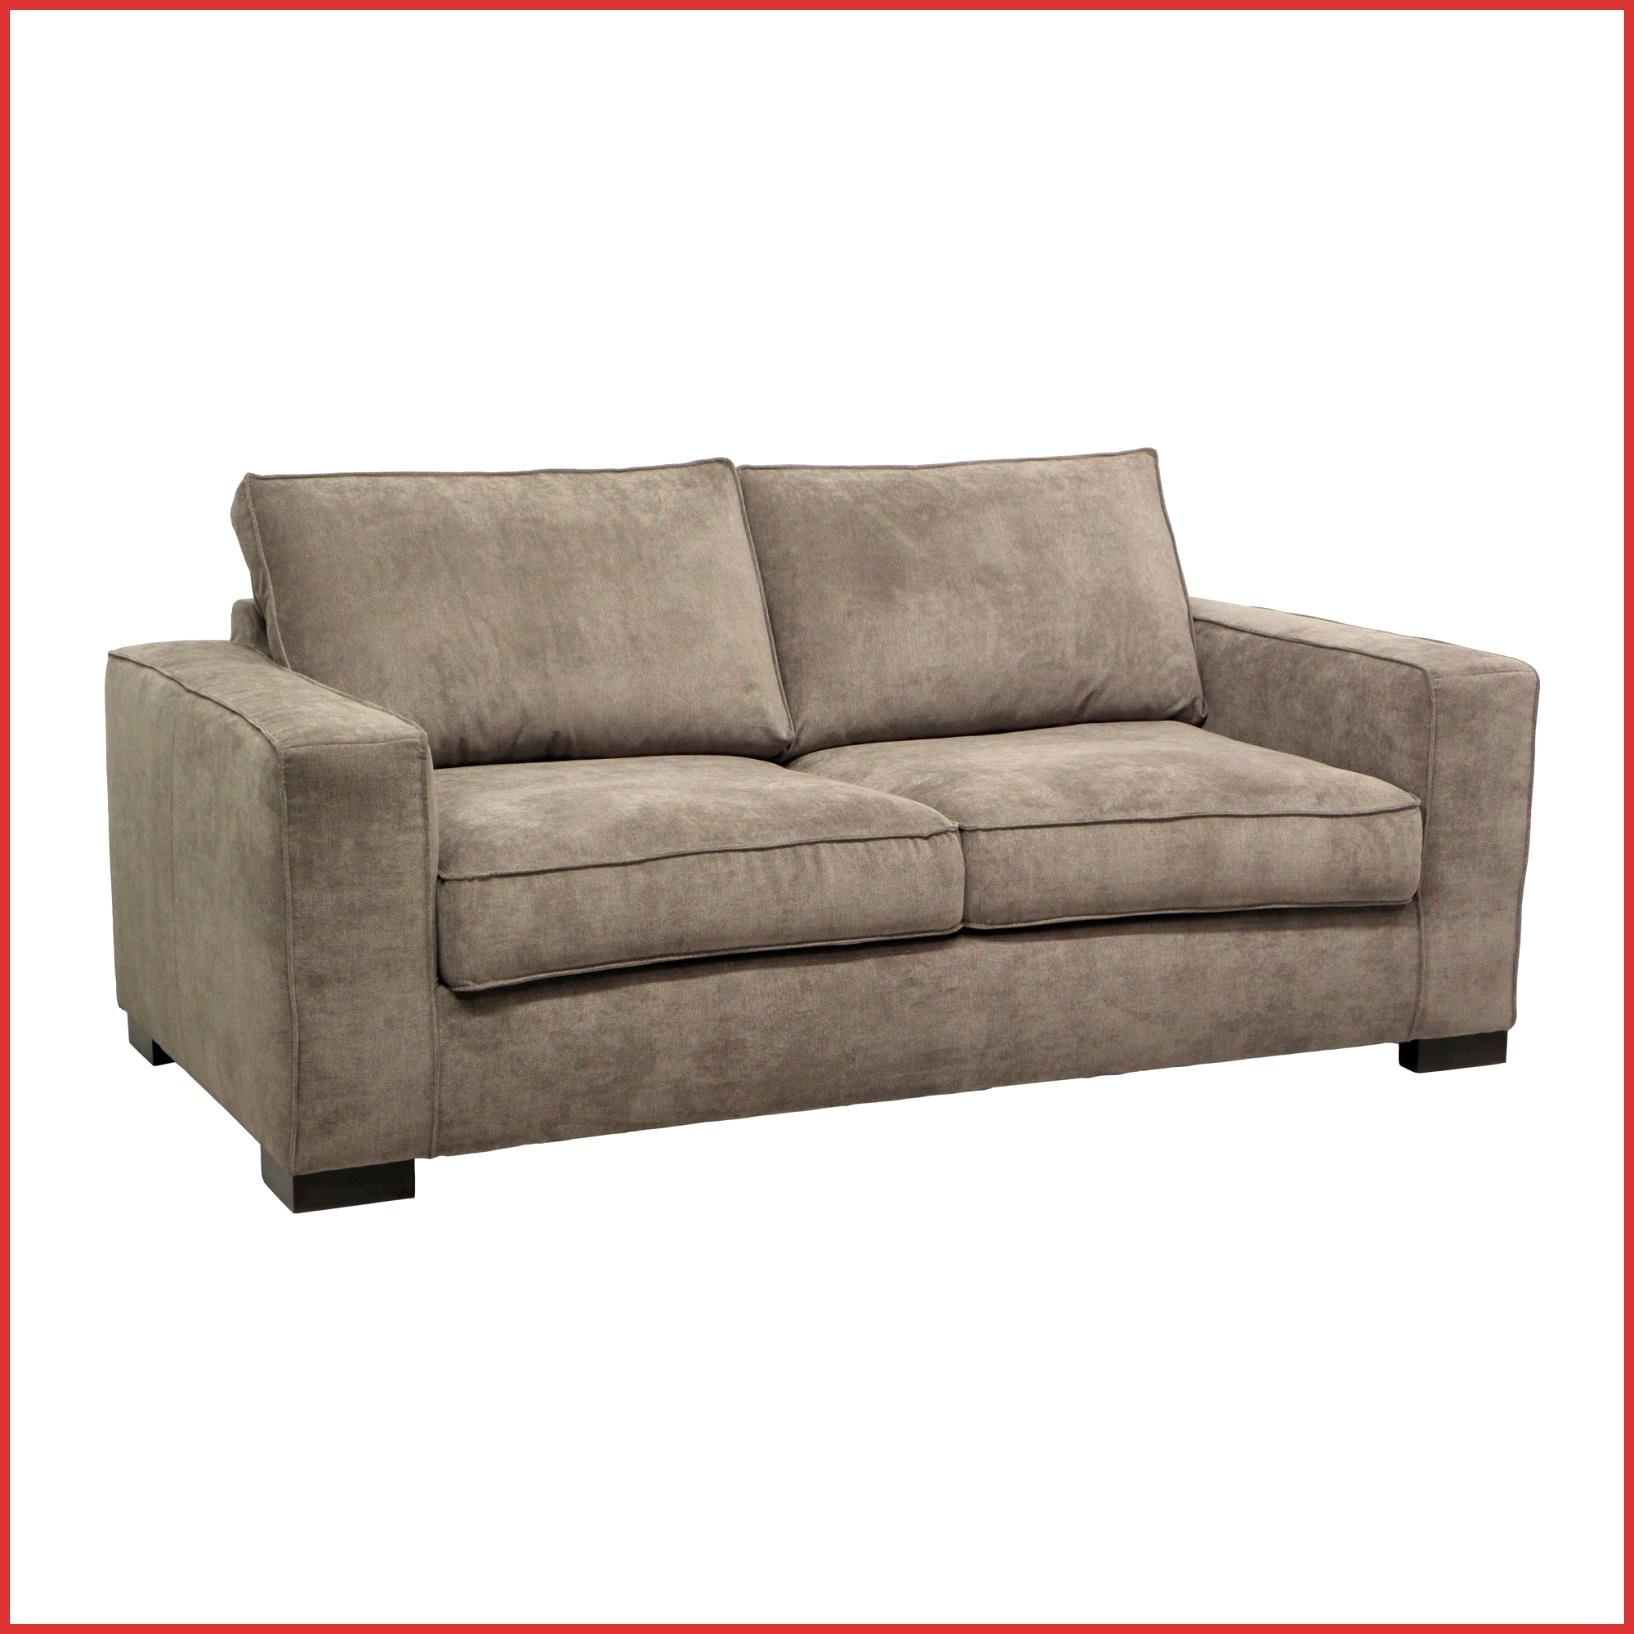 Canapé En Cuir Ikea Beau Galerie Canap Convertible 3 Places Conforama 11 Lit 2 Pas Cher Ikea but